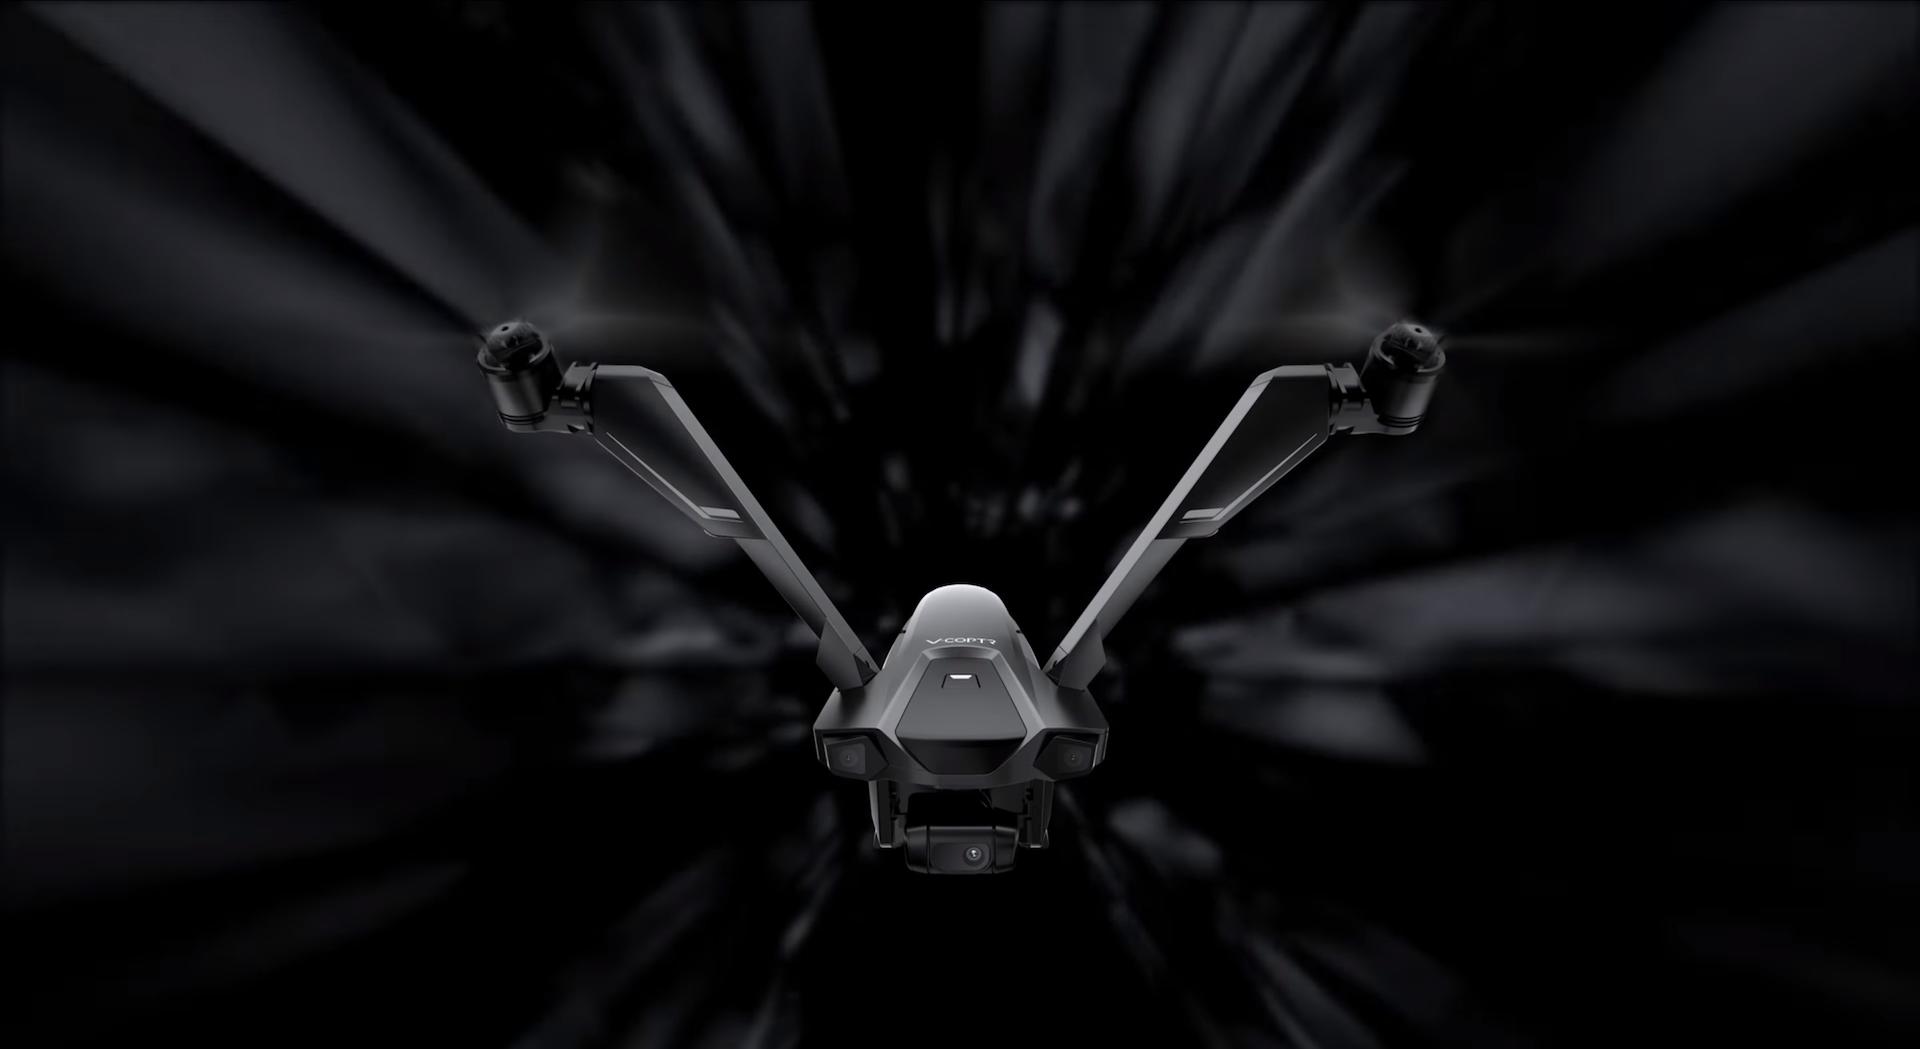 零零科技宣佈發表雙旋翼無人機 V-Coptr Falcon 終於正式開賣